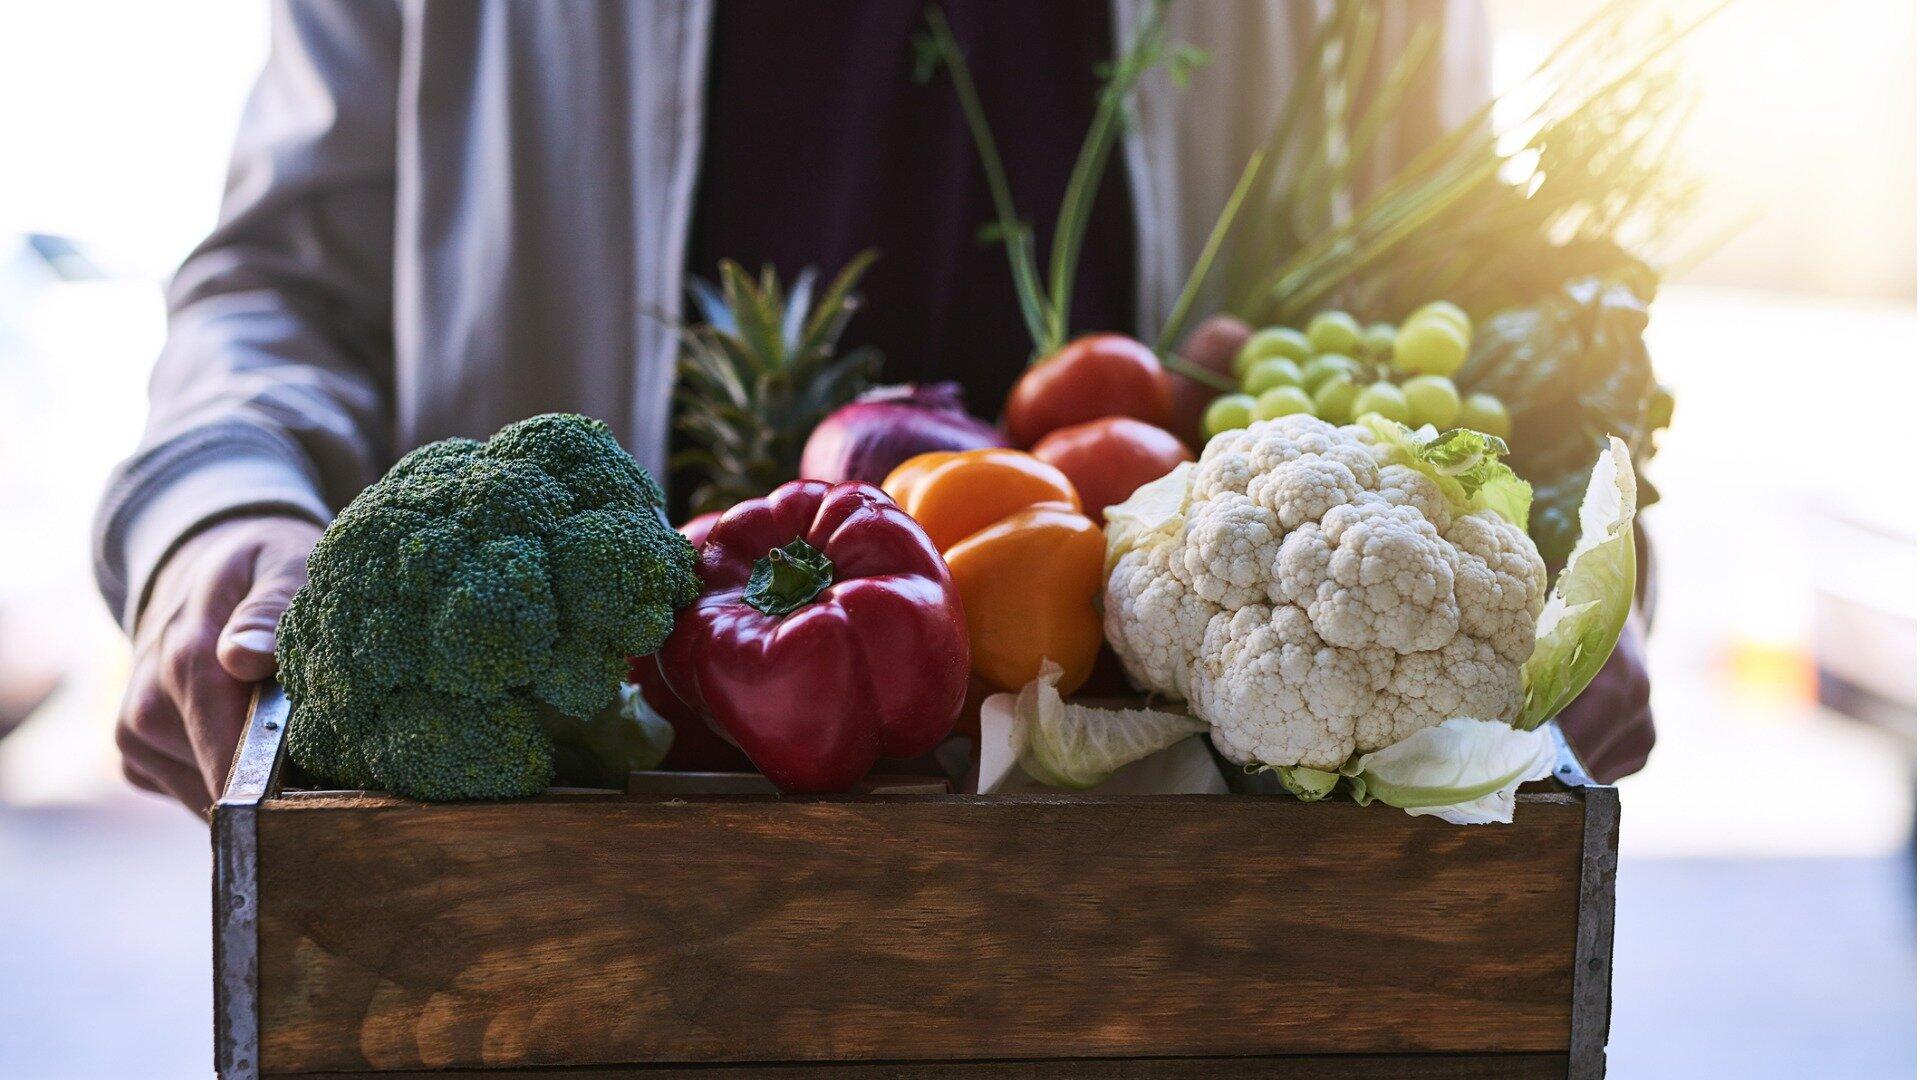 Bezpieczeństwo żywności w lokalach gastronomicznych - 6 kroków do celu